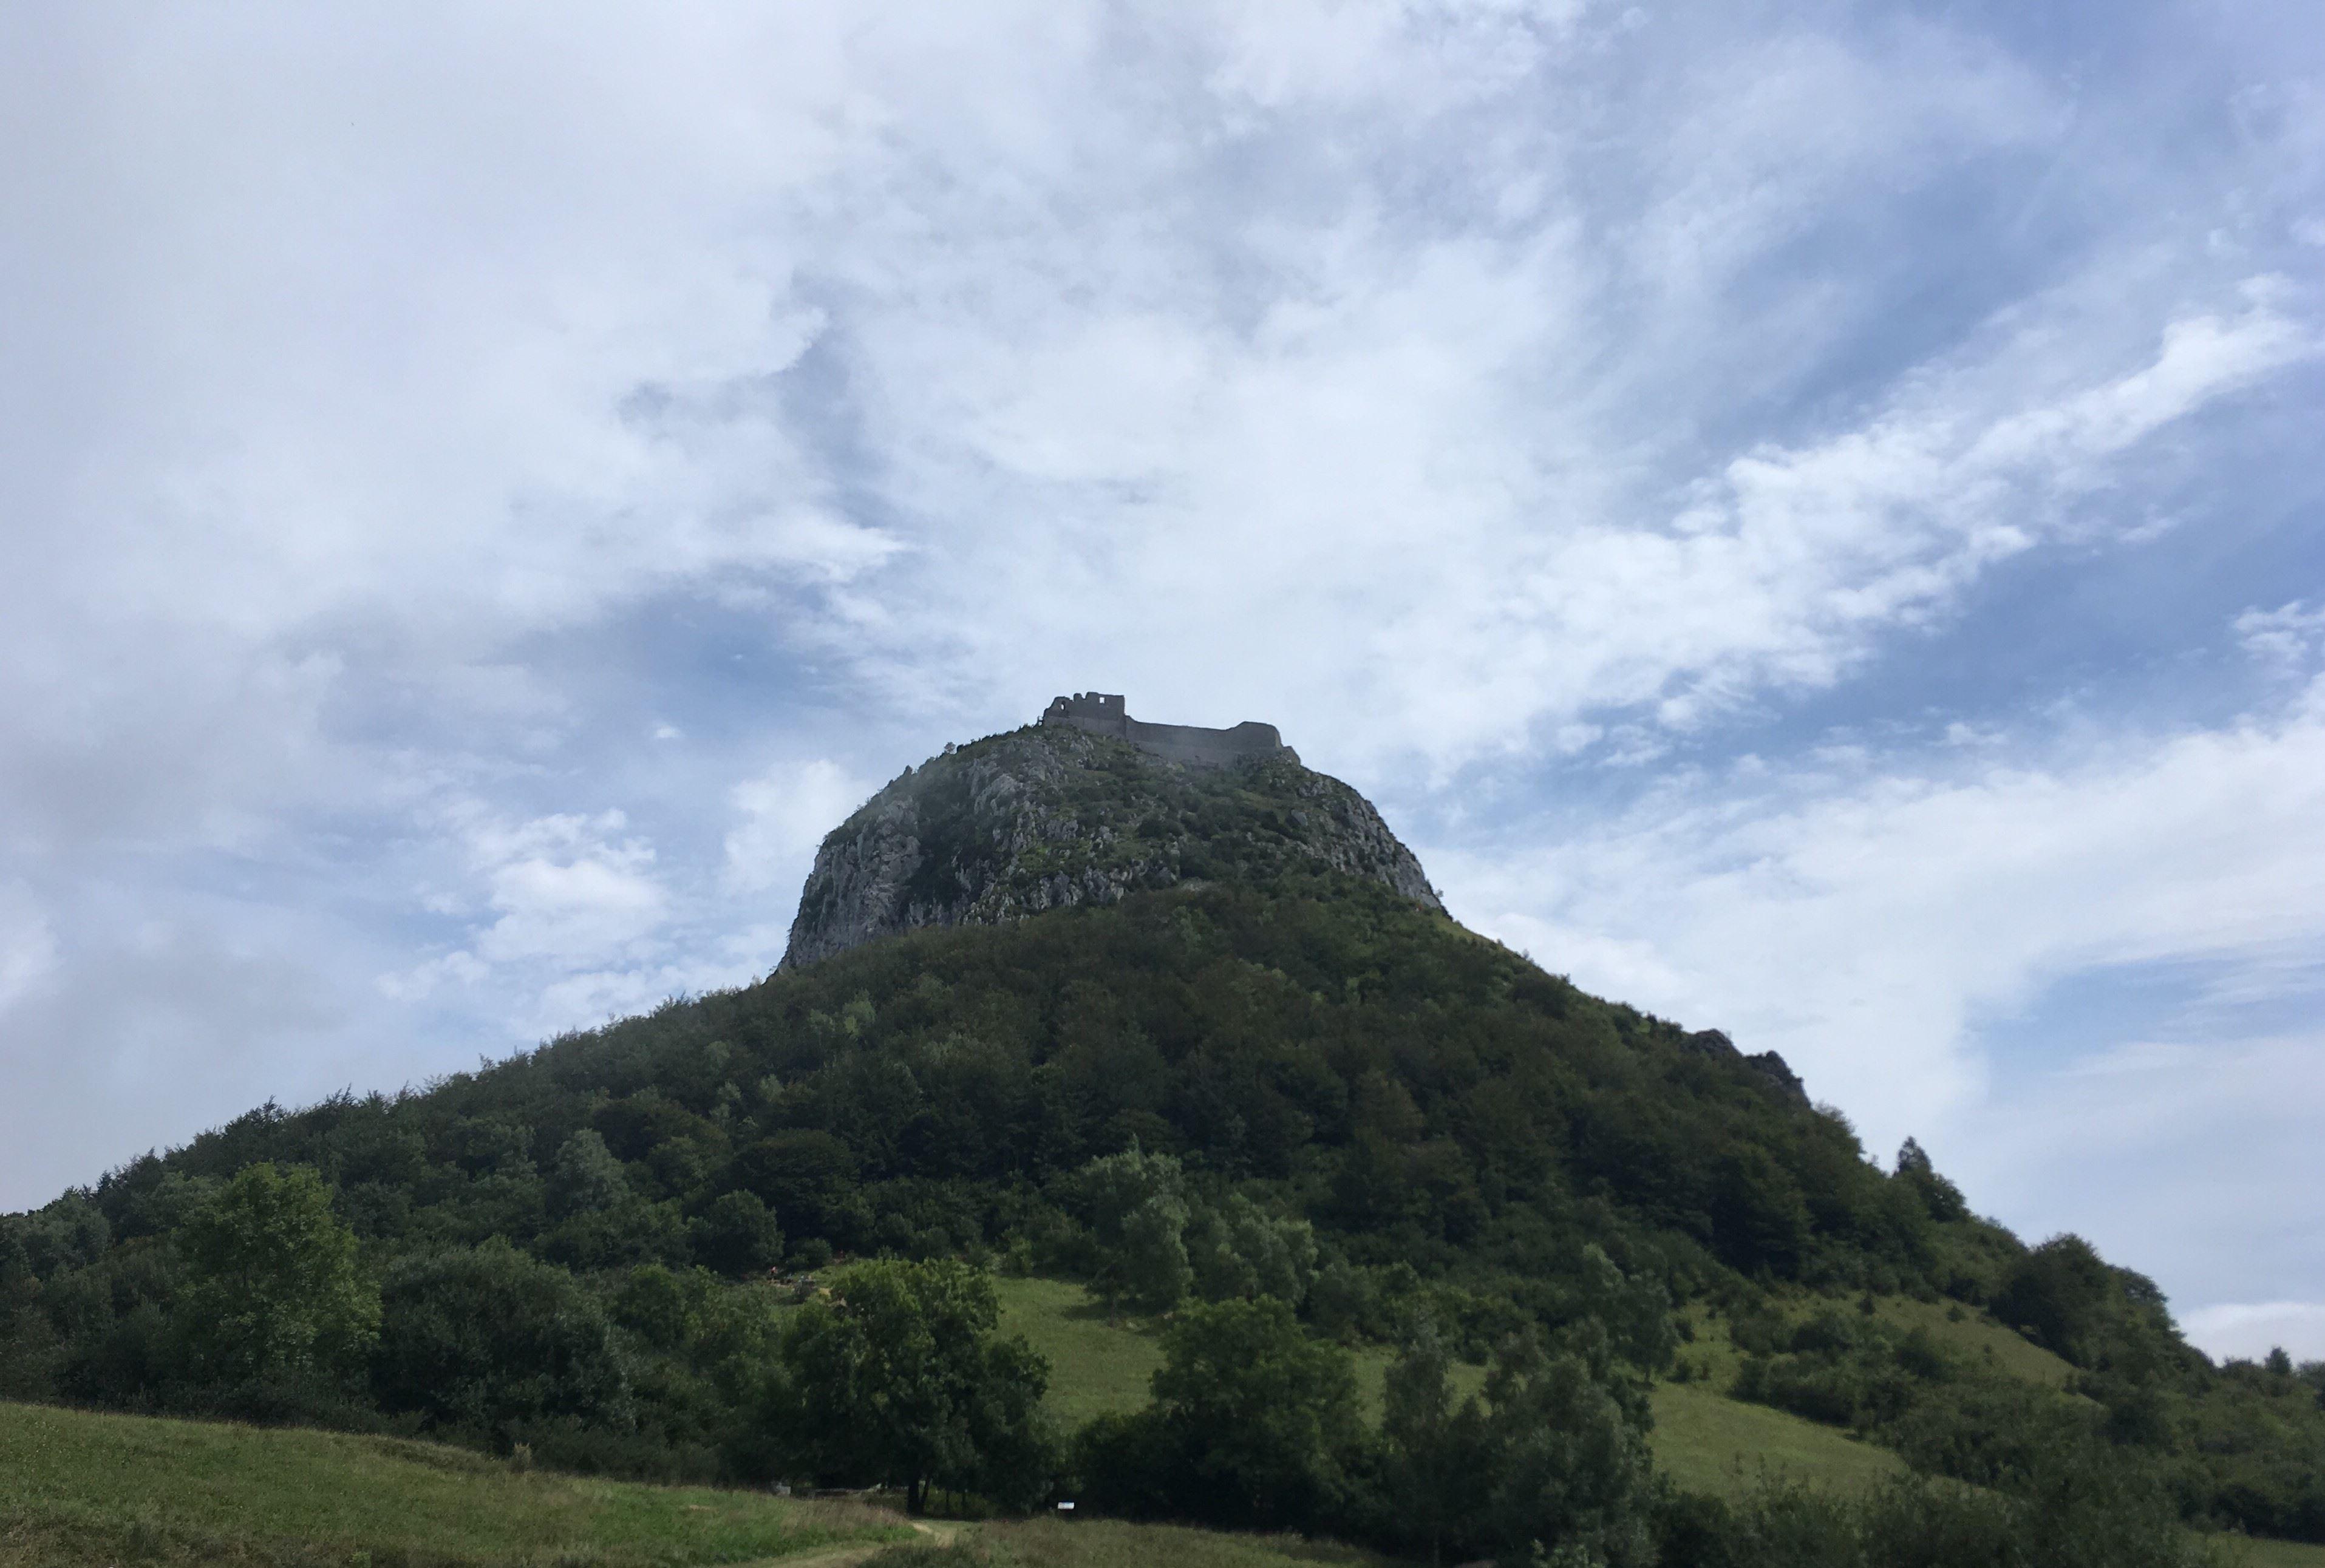 Excursion by minibus - Cathars and Troubadours. Mirepoix - Montségur - Puivert - Suntour